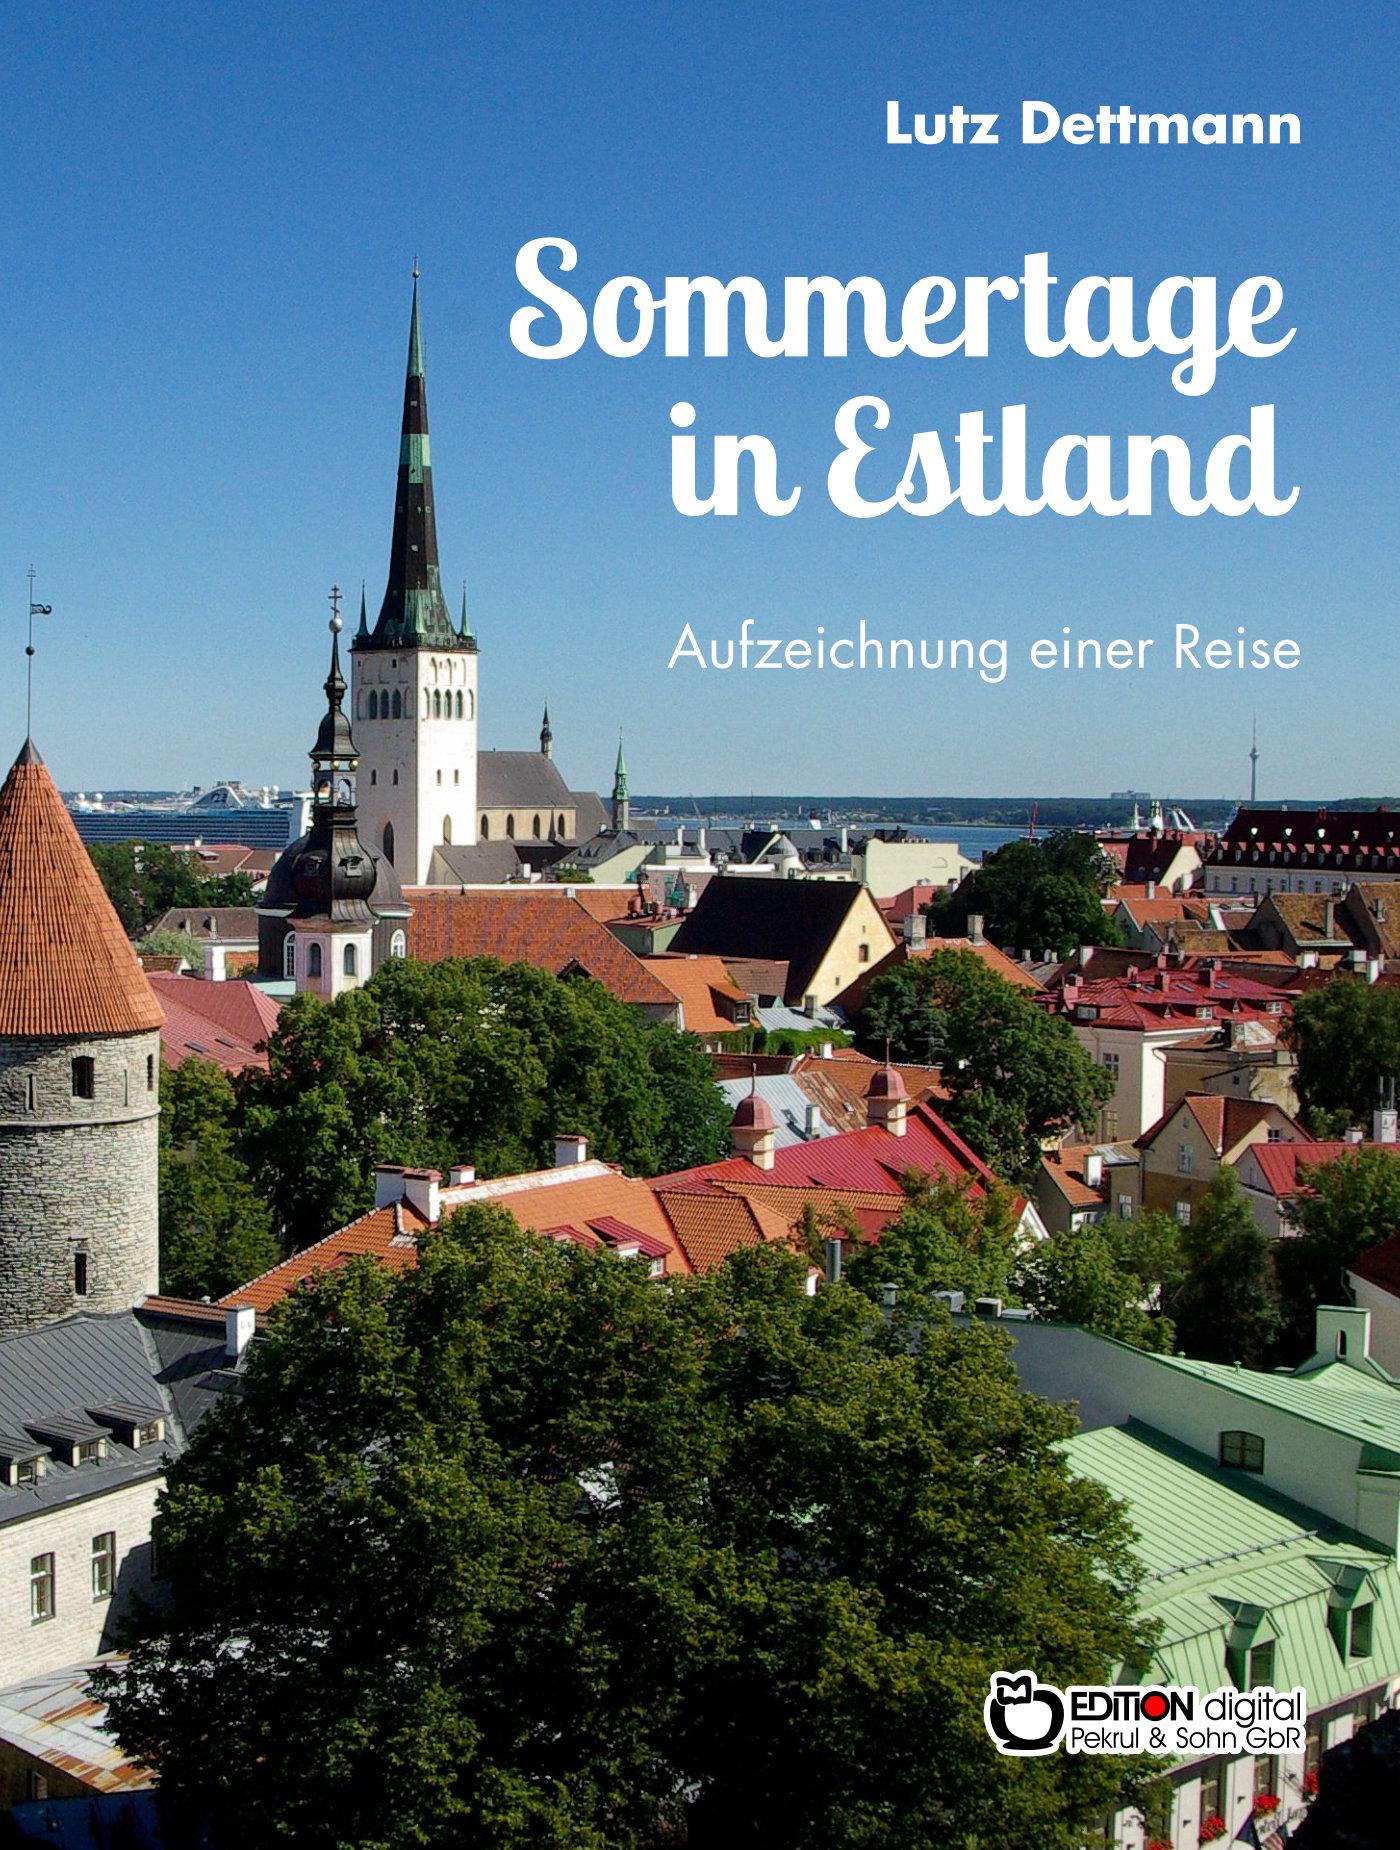 Sommertage in Estland.Aufzeichnungen einer Reise von Lutz Dettmann